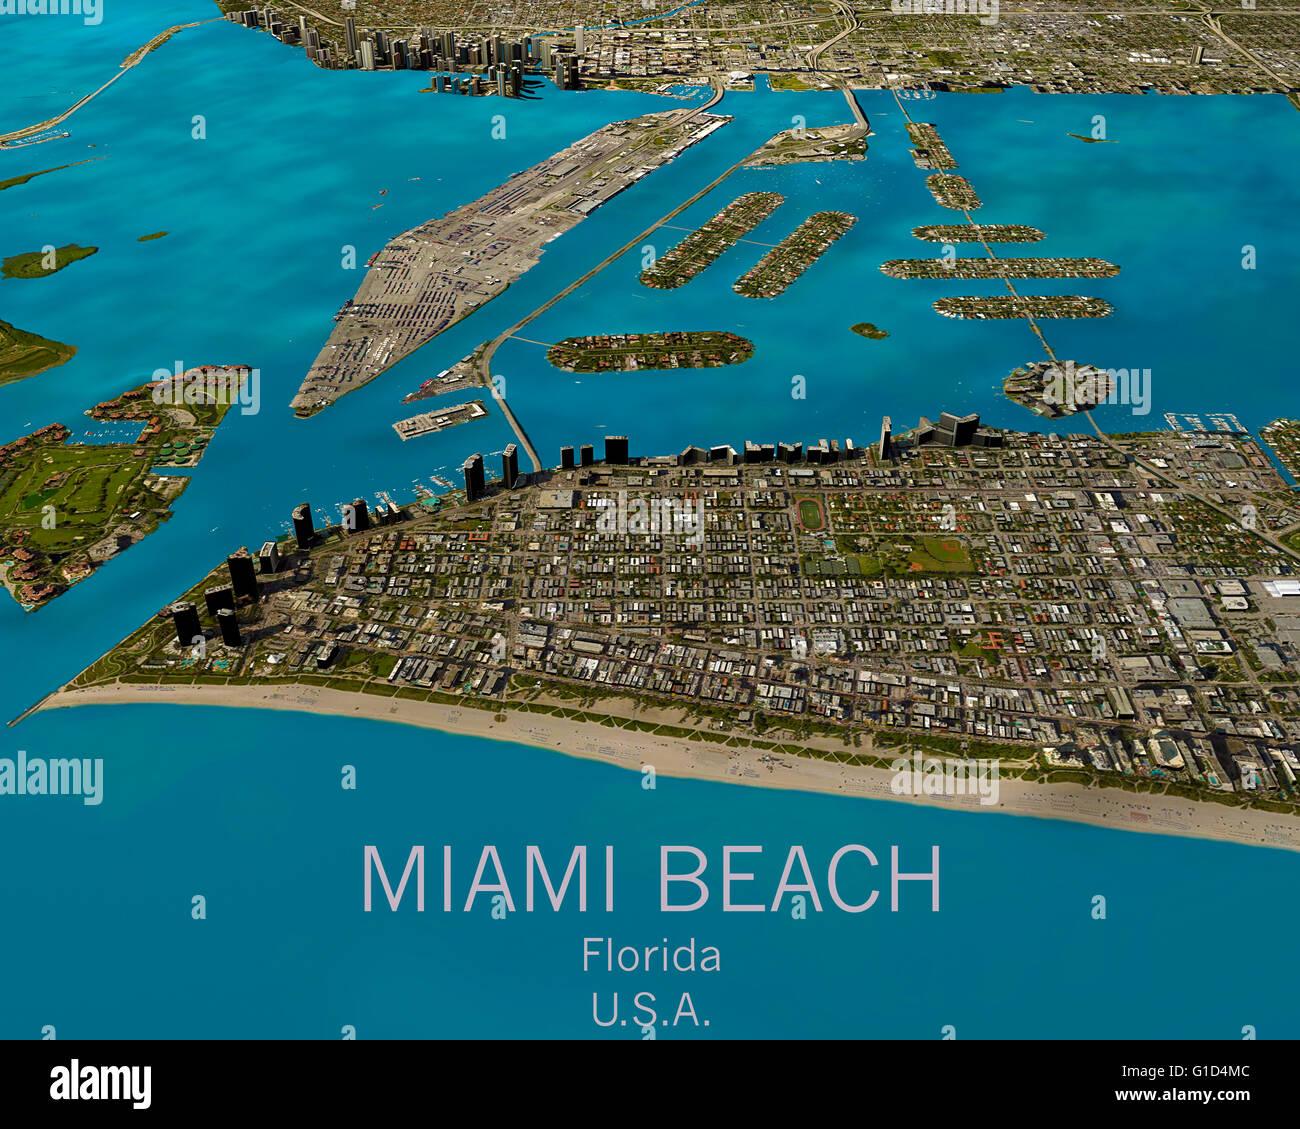 Miami Beach Housing Section